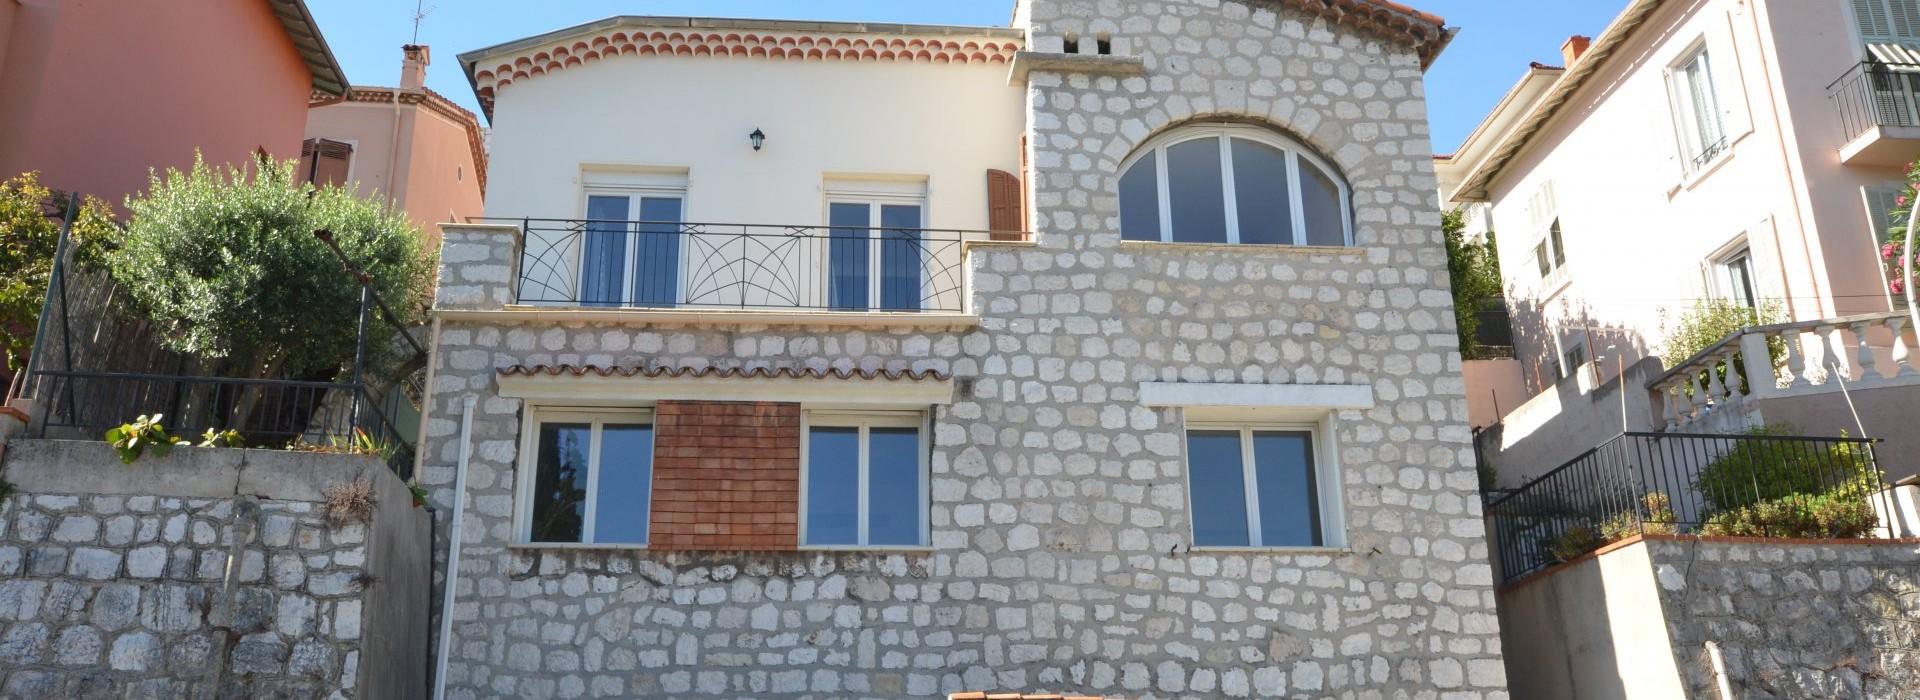 Appartement Nice 2 Pièces 54m2 231,000€